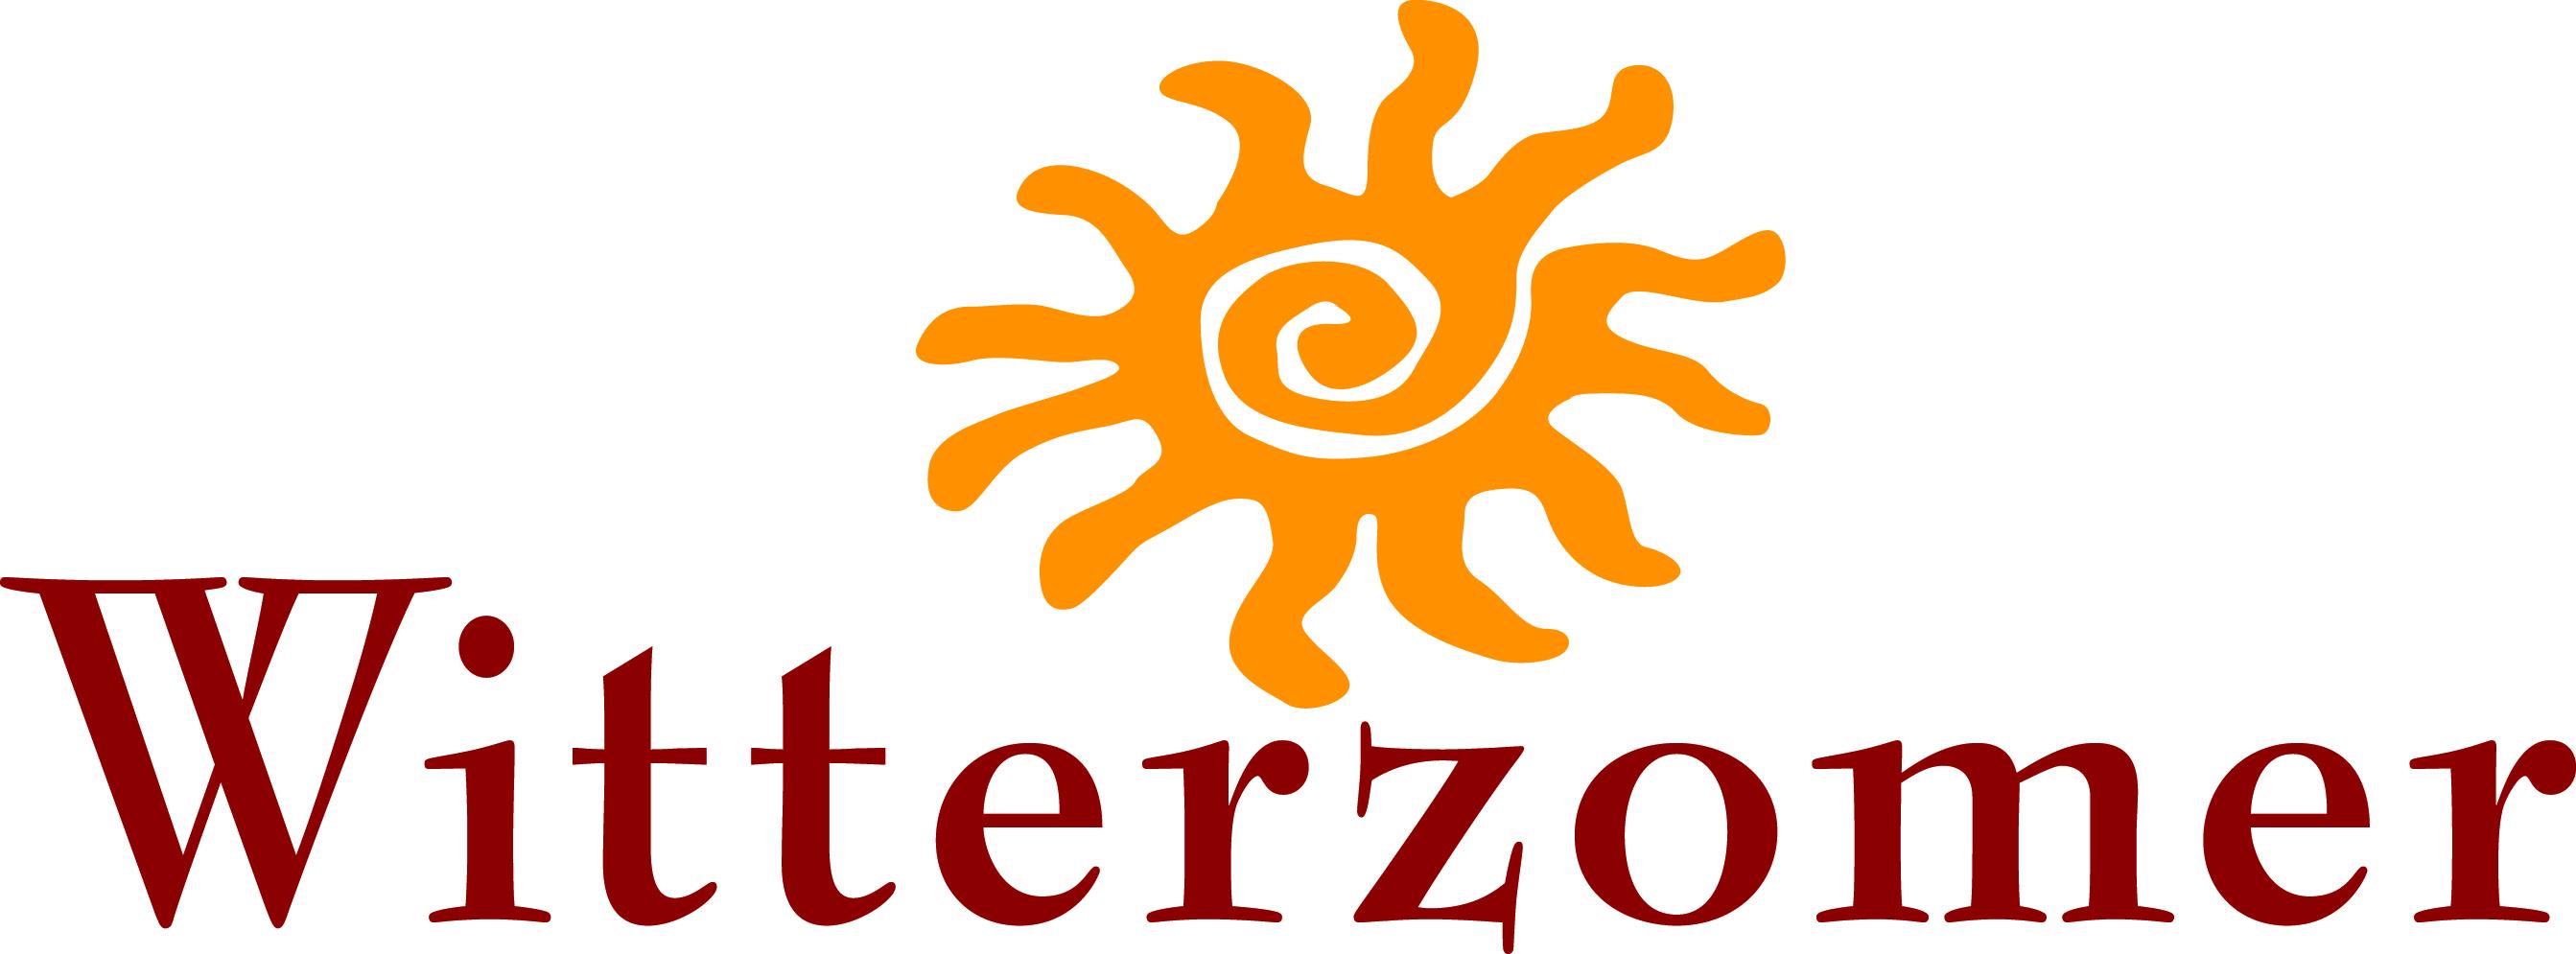 https://ad4all.s3.amazonaws.com/newz/production/company_profiles/386/logo.jpg